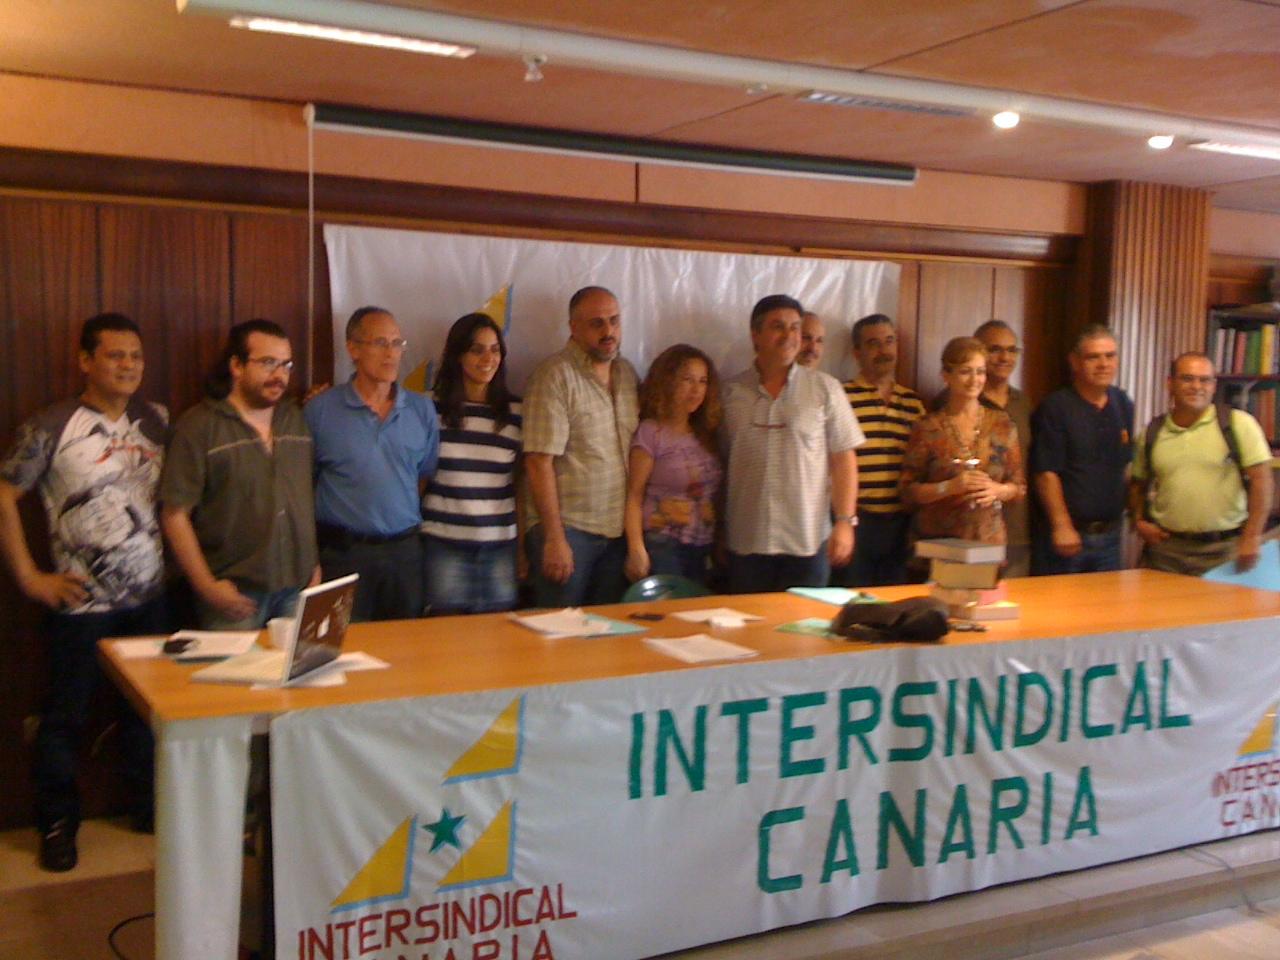 Resultado de imagen de intersindical Canaria